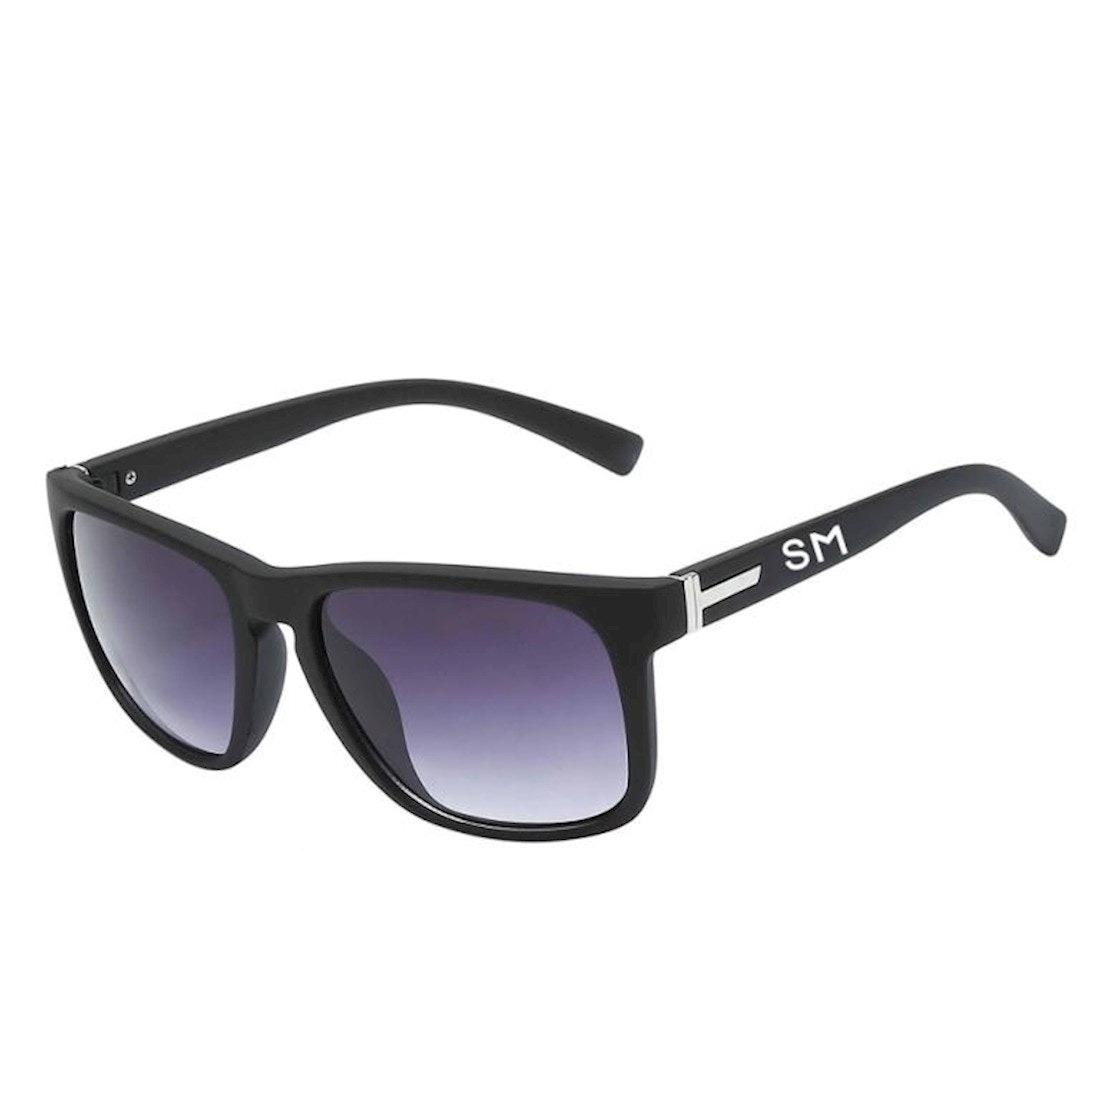 Óculos De Sol Masculino Sandro Moscoloni Aaron Preto - R  124,88 em ... 5b1288670e